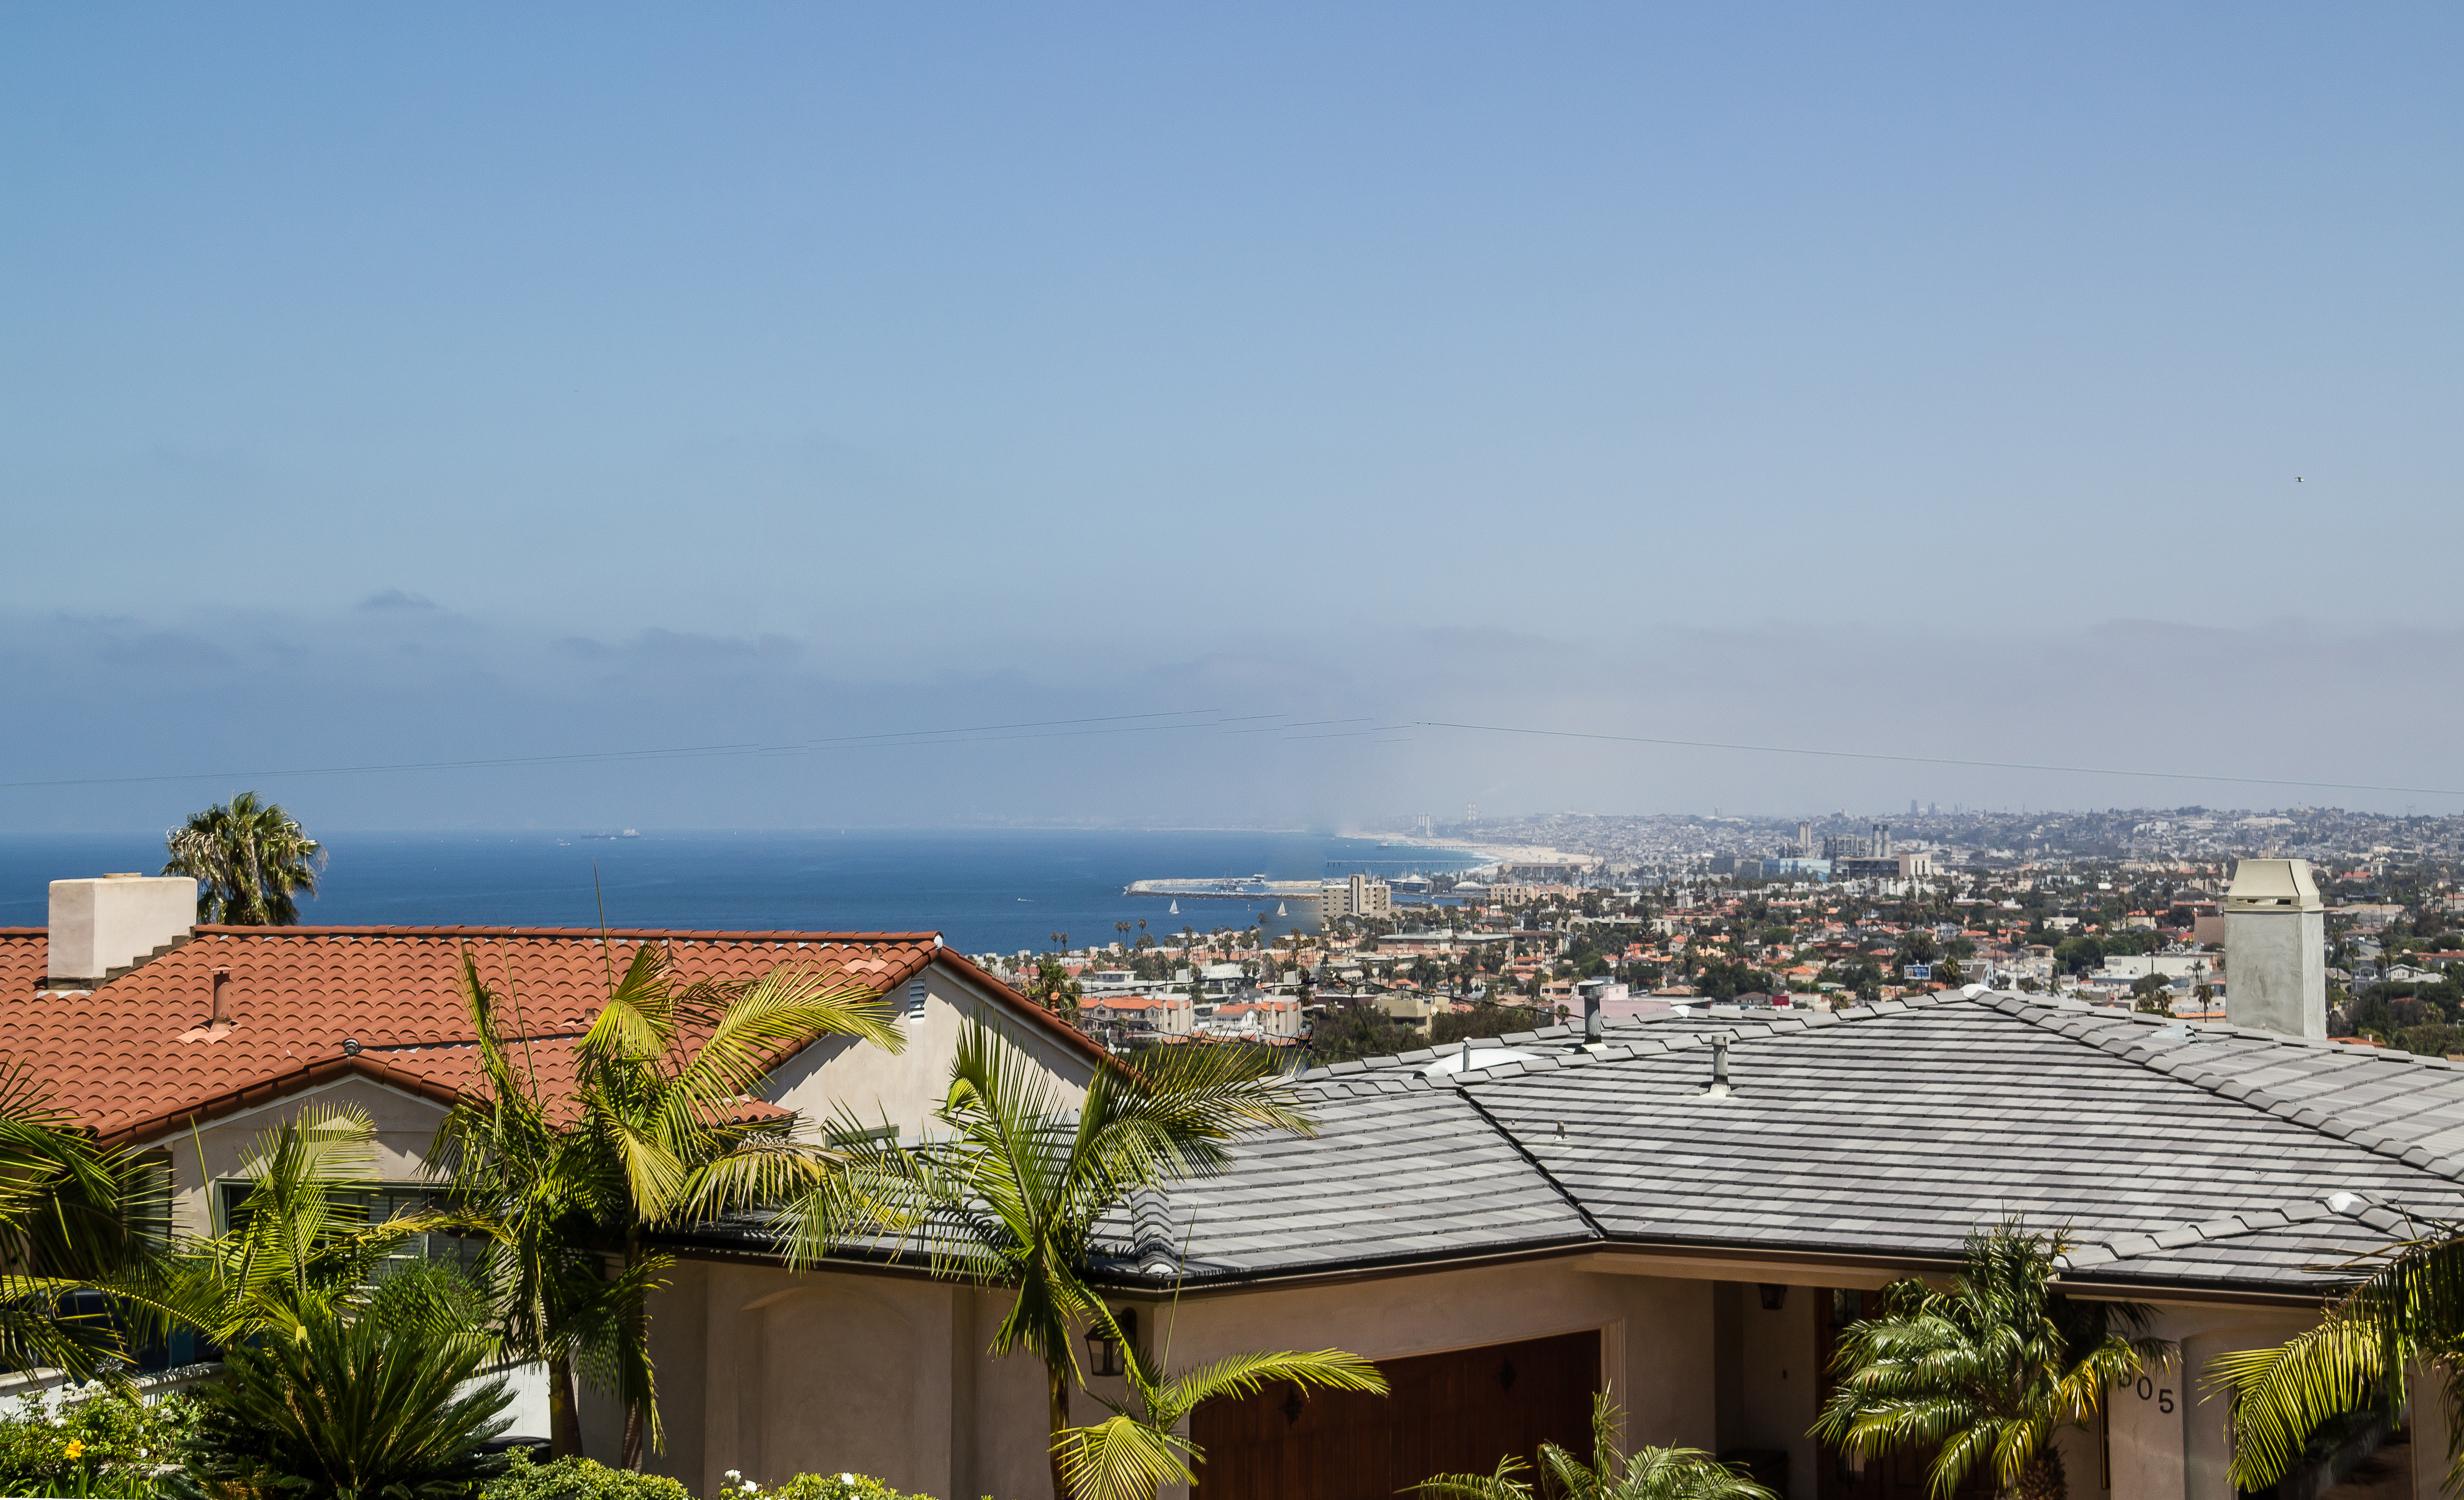 187 504 V237a La Selva Redondo Beach CA 90277 : 504 Via La Selva ocean view from liveinhollywoodriviera.com size 2464 x 1500 jpeg 2812kB